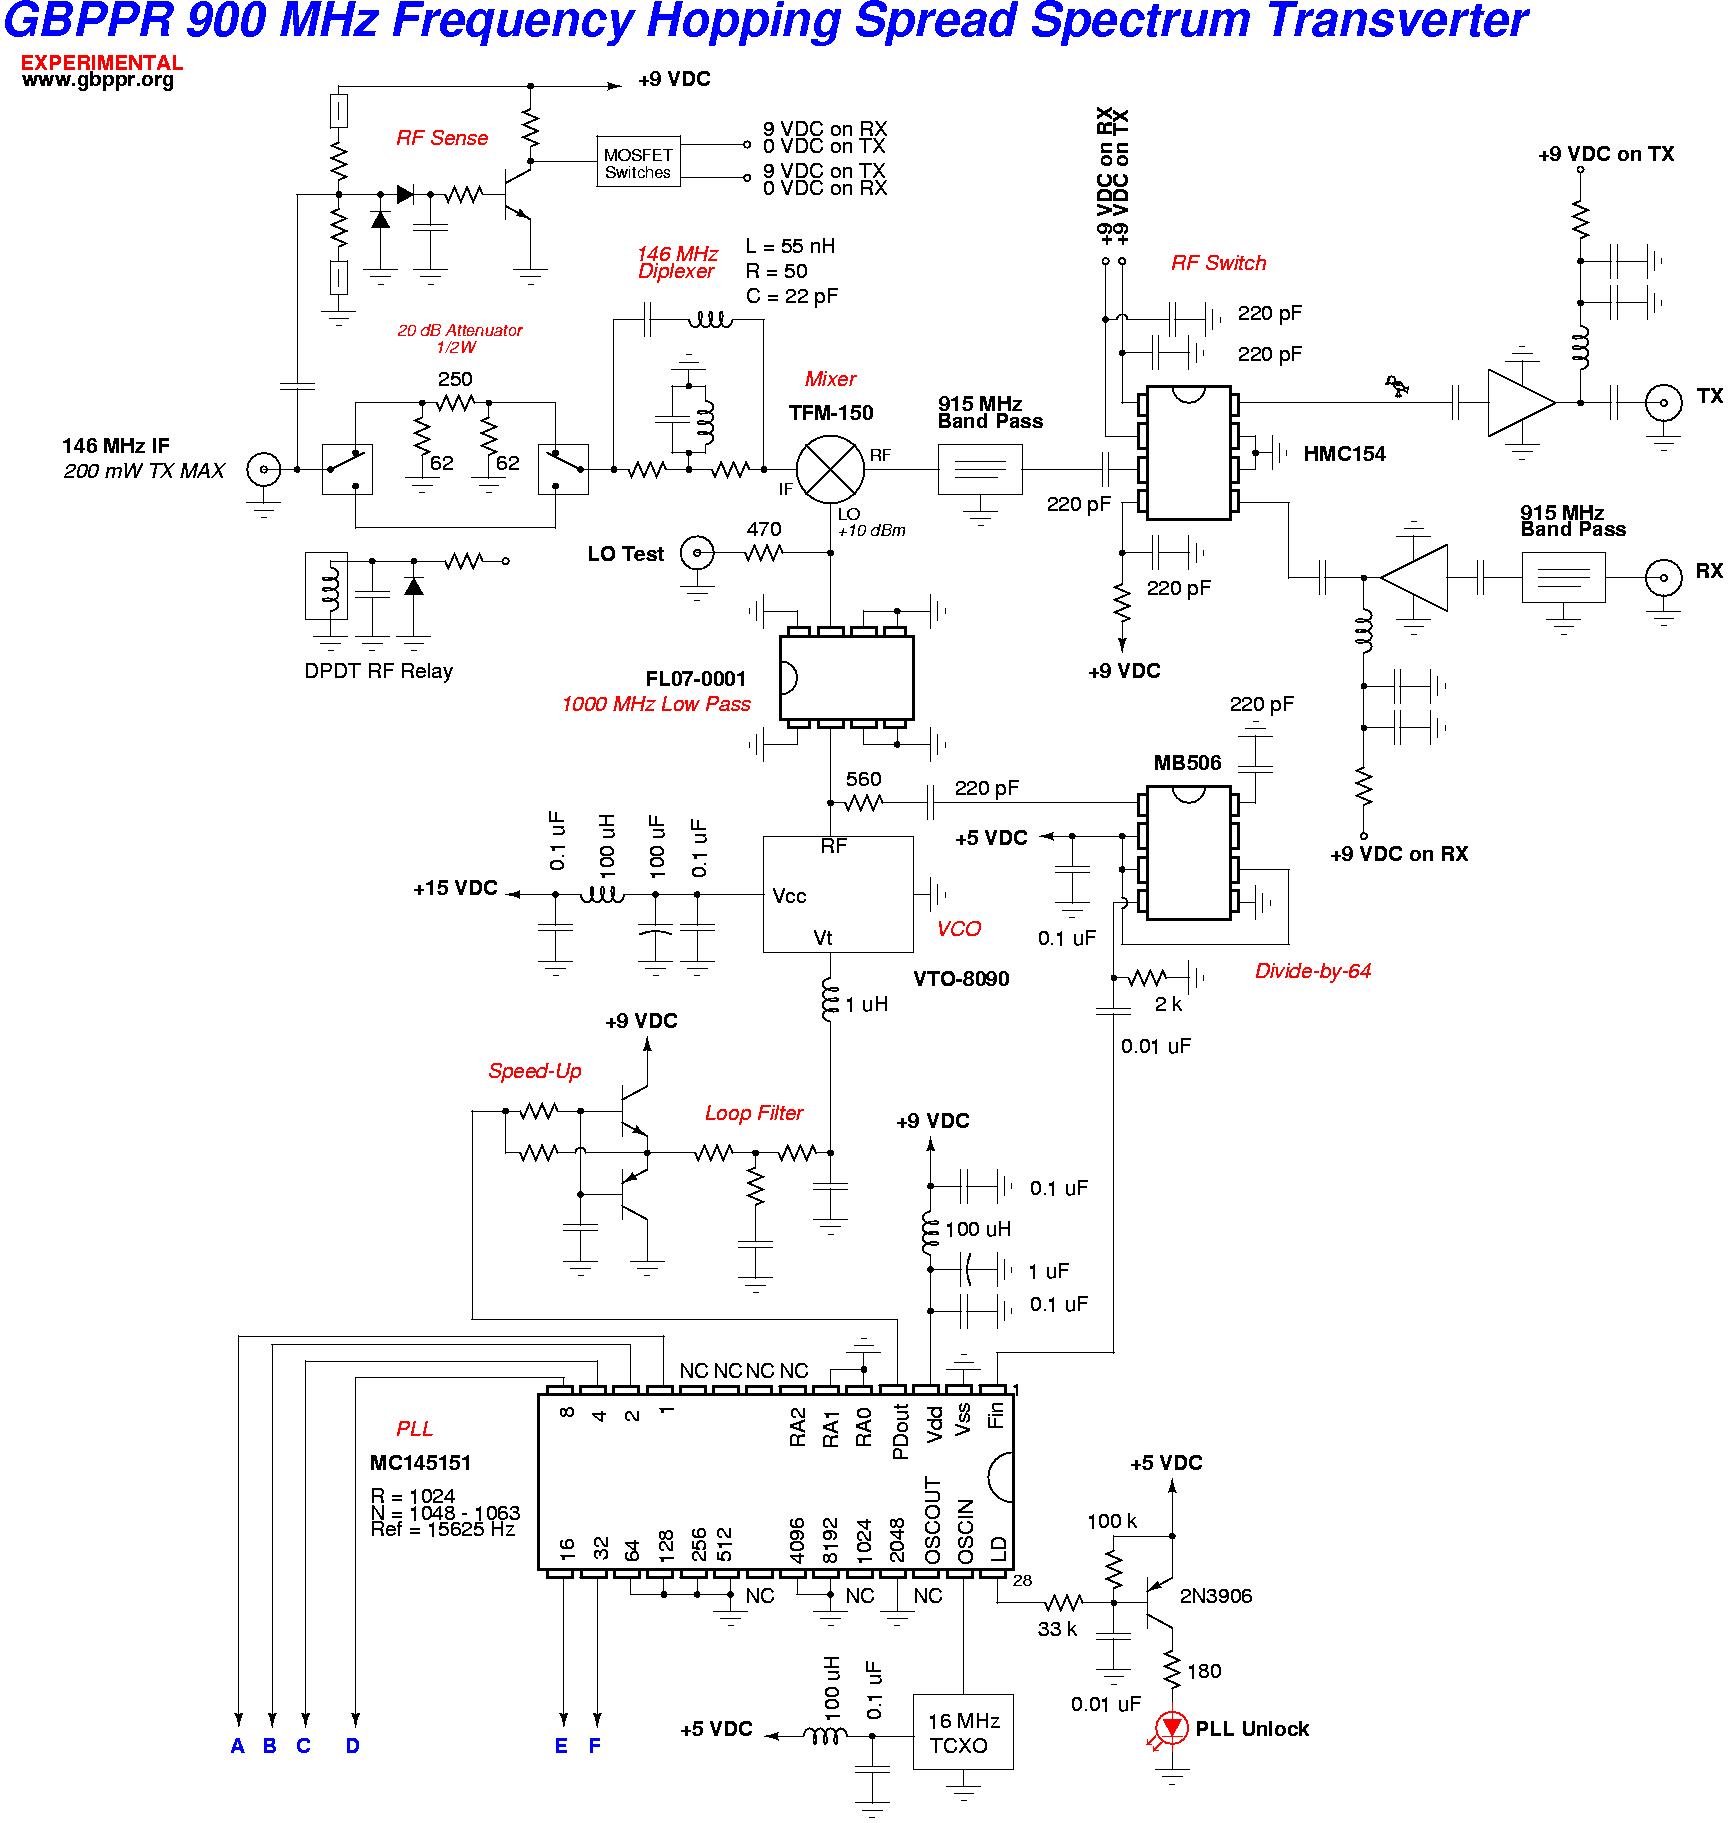 GBPPR 900 MHz FHSS Transverter